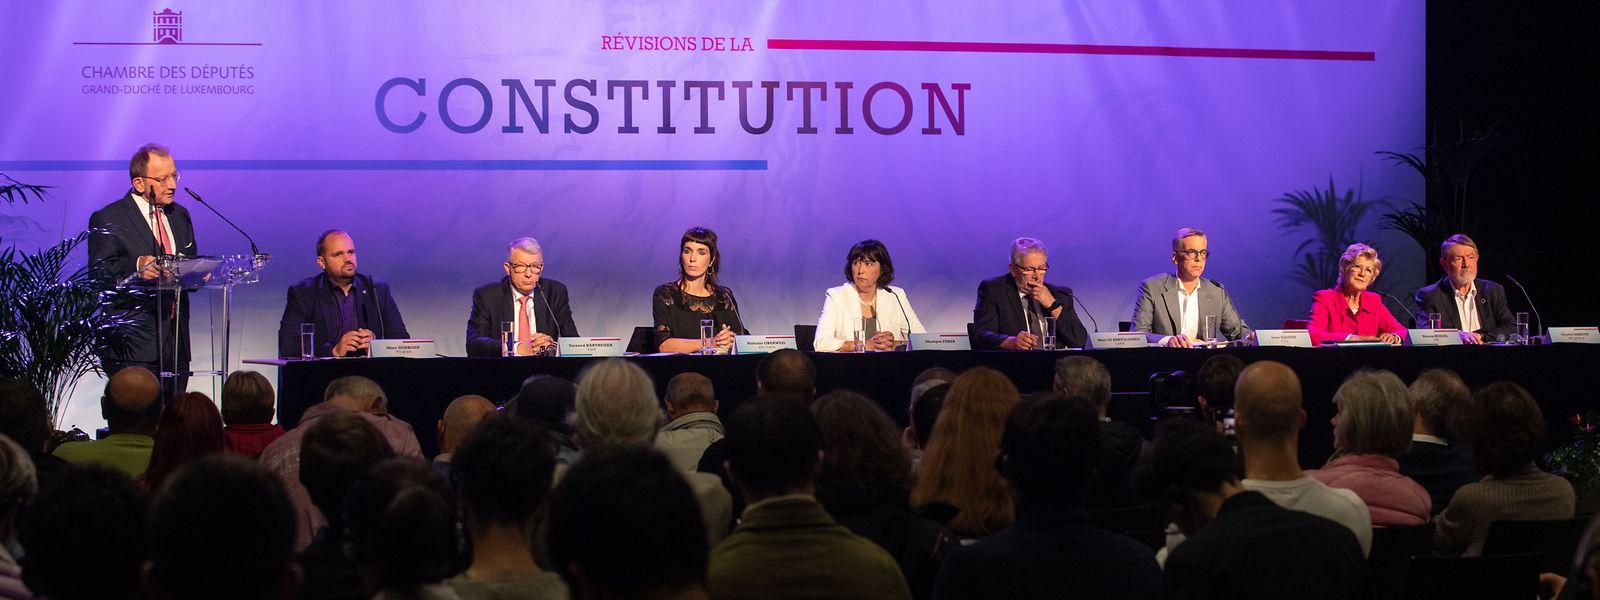 Das Parlament hatte am Freitag zu einer Informationsversammlung zum Thema Verfassungsreform eingeladen.